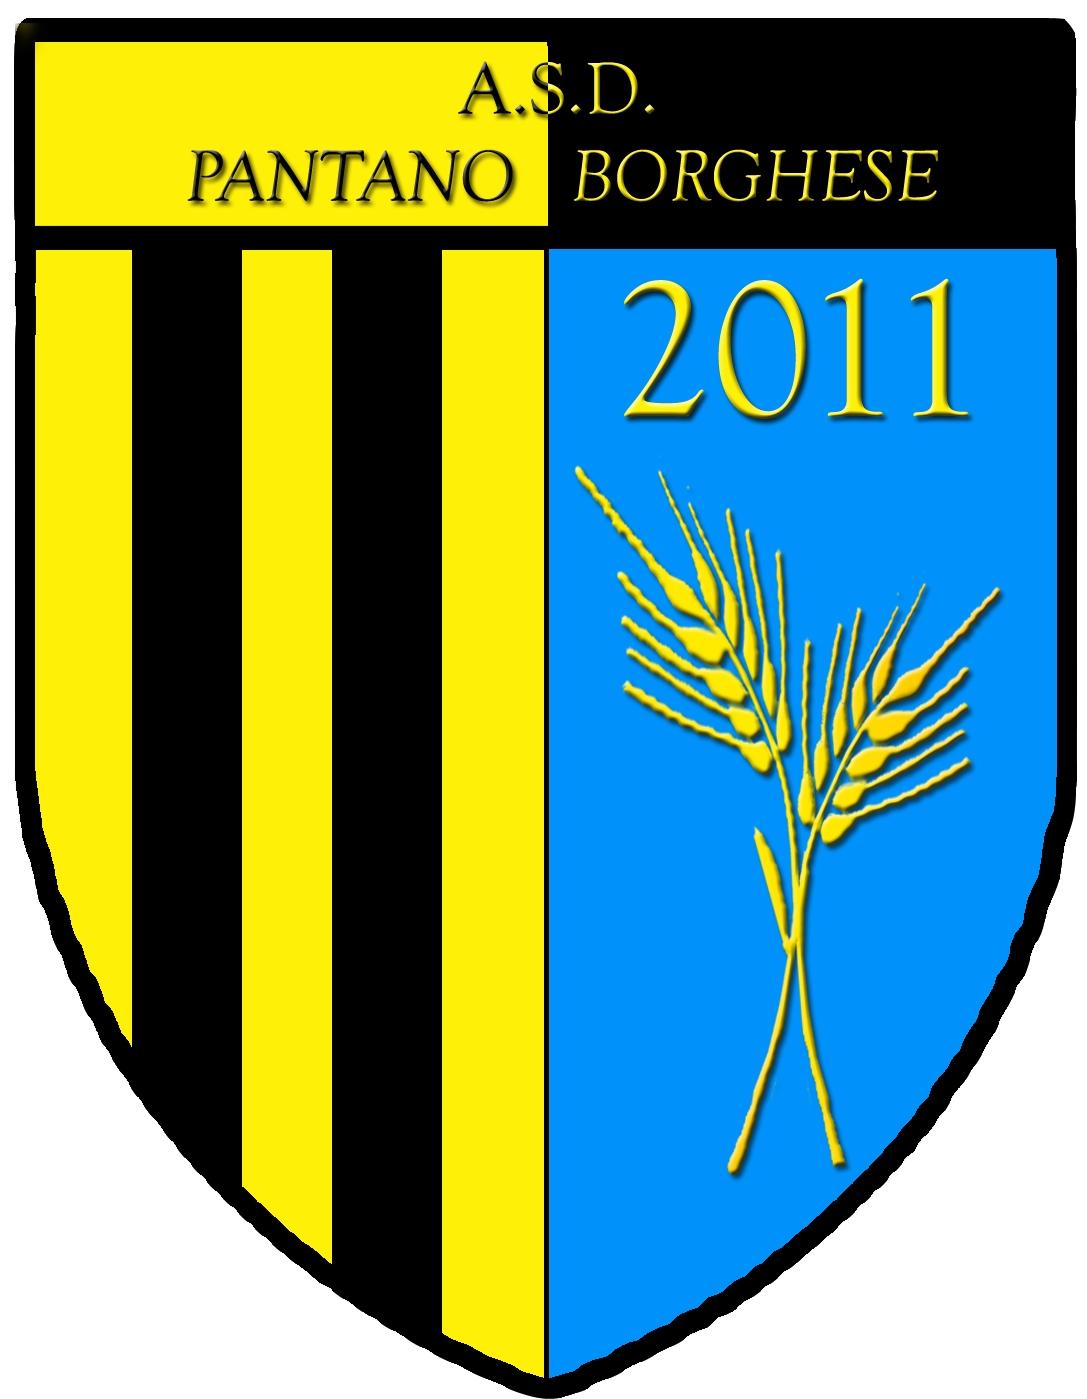 PANTANO BORGHESE